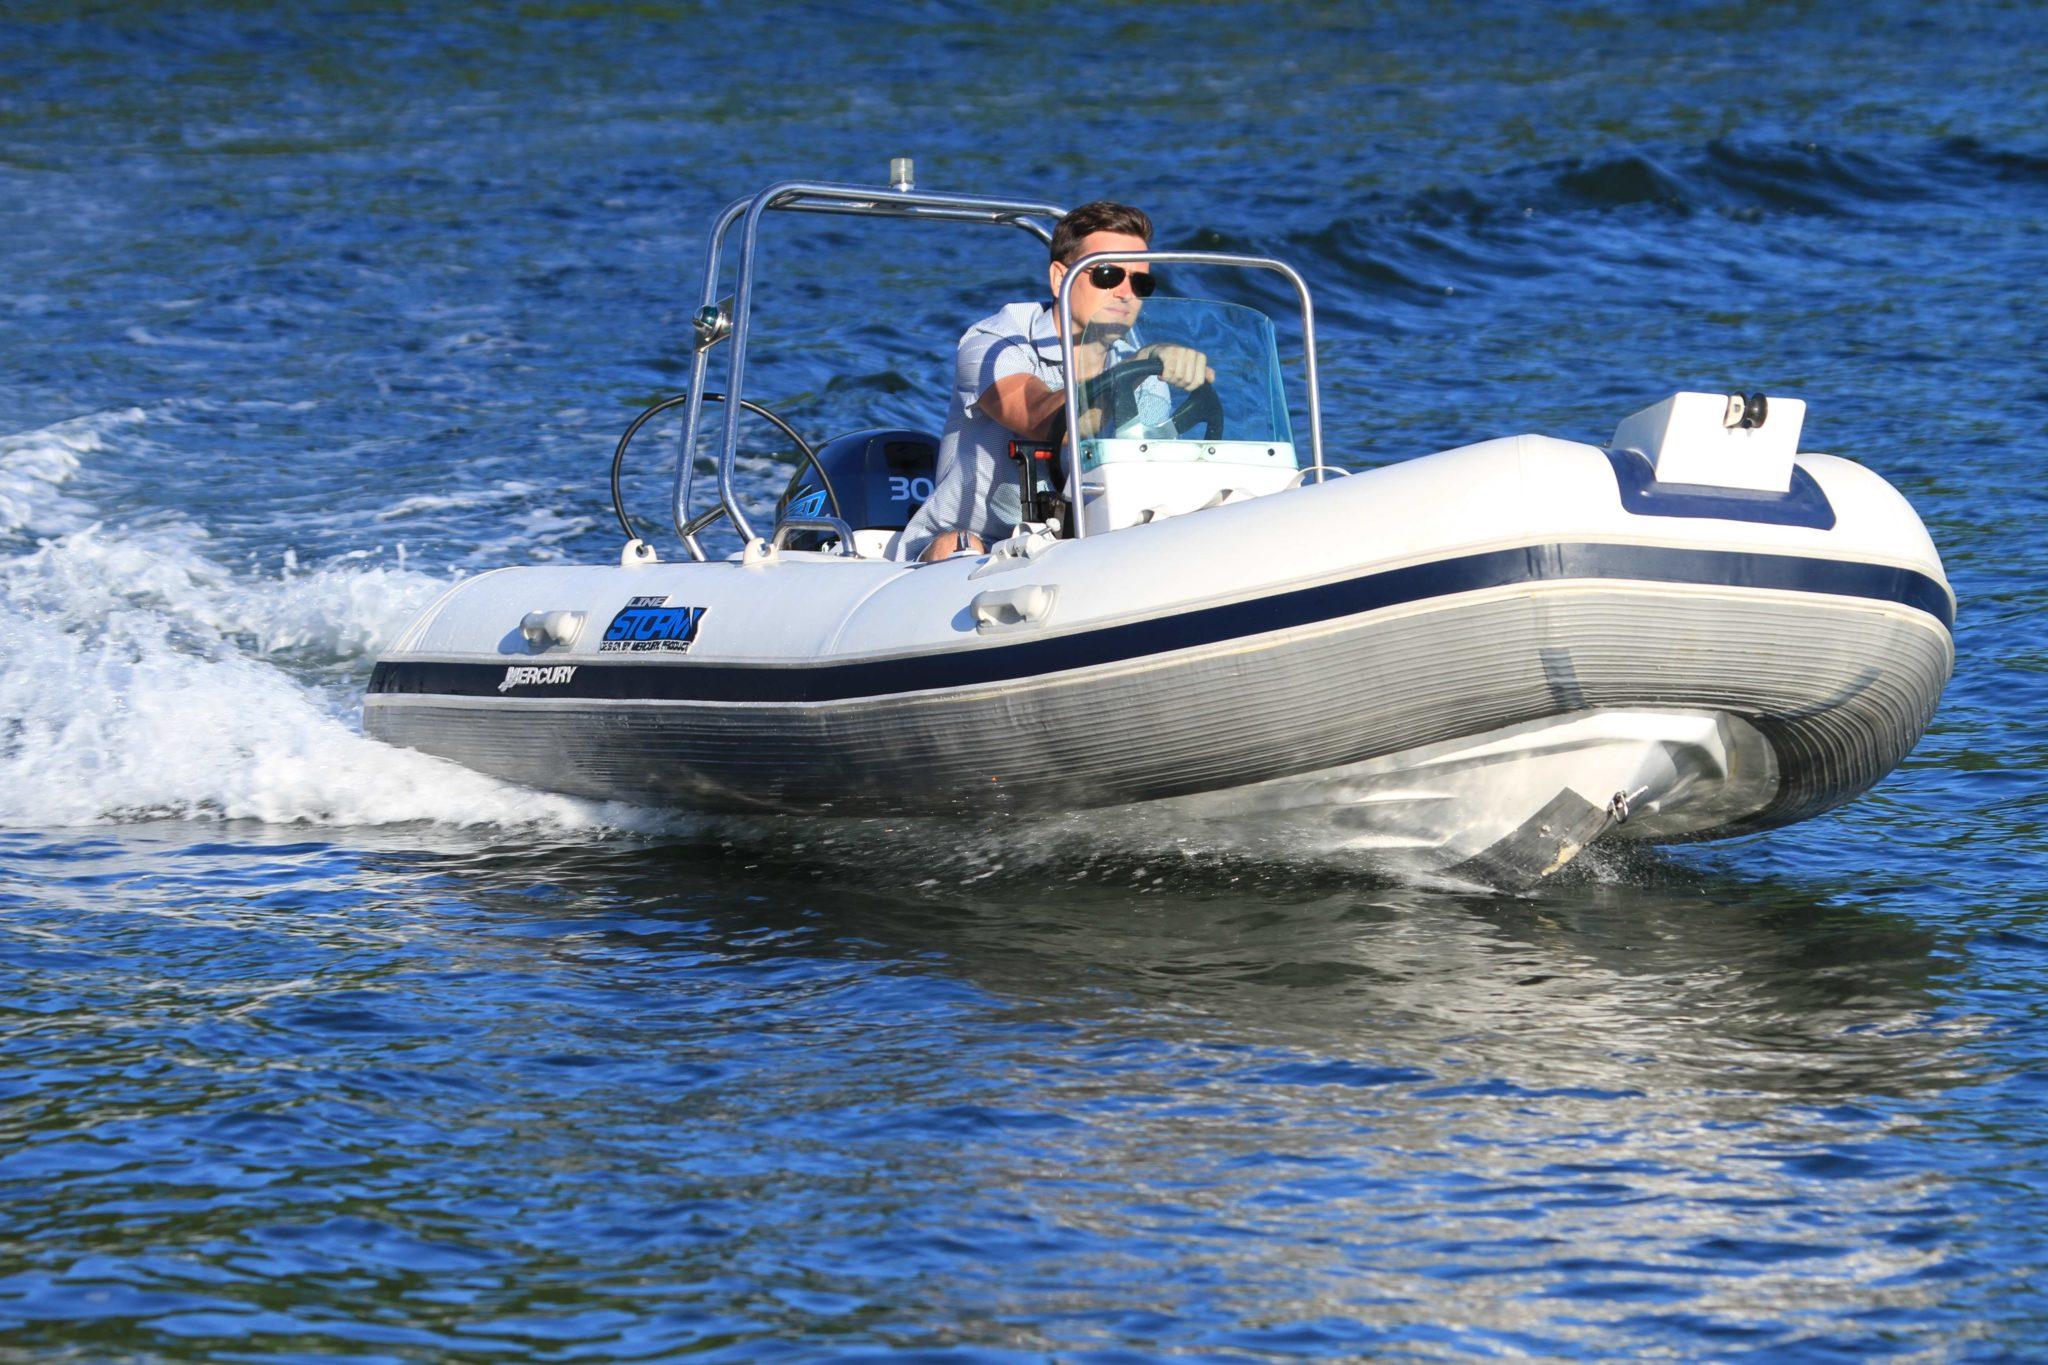 quicksilver лодки пвх официальный сайт